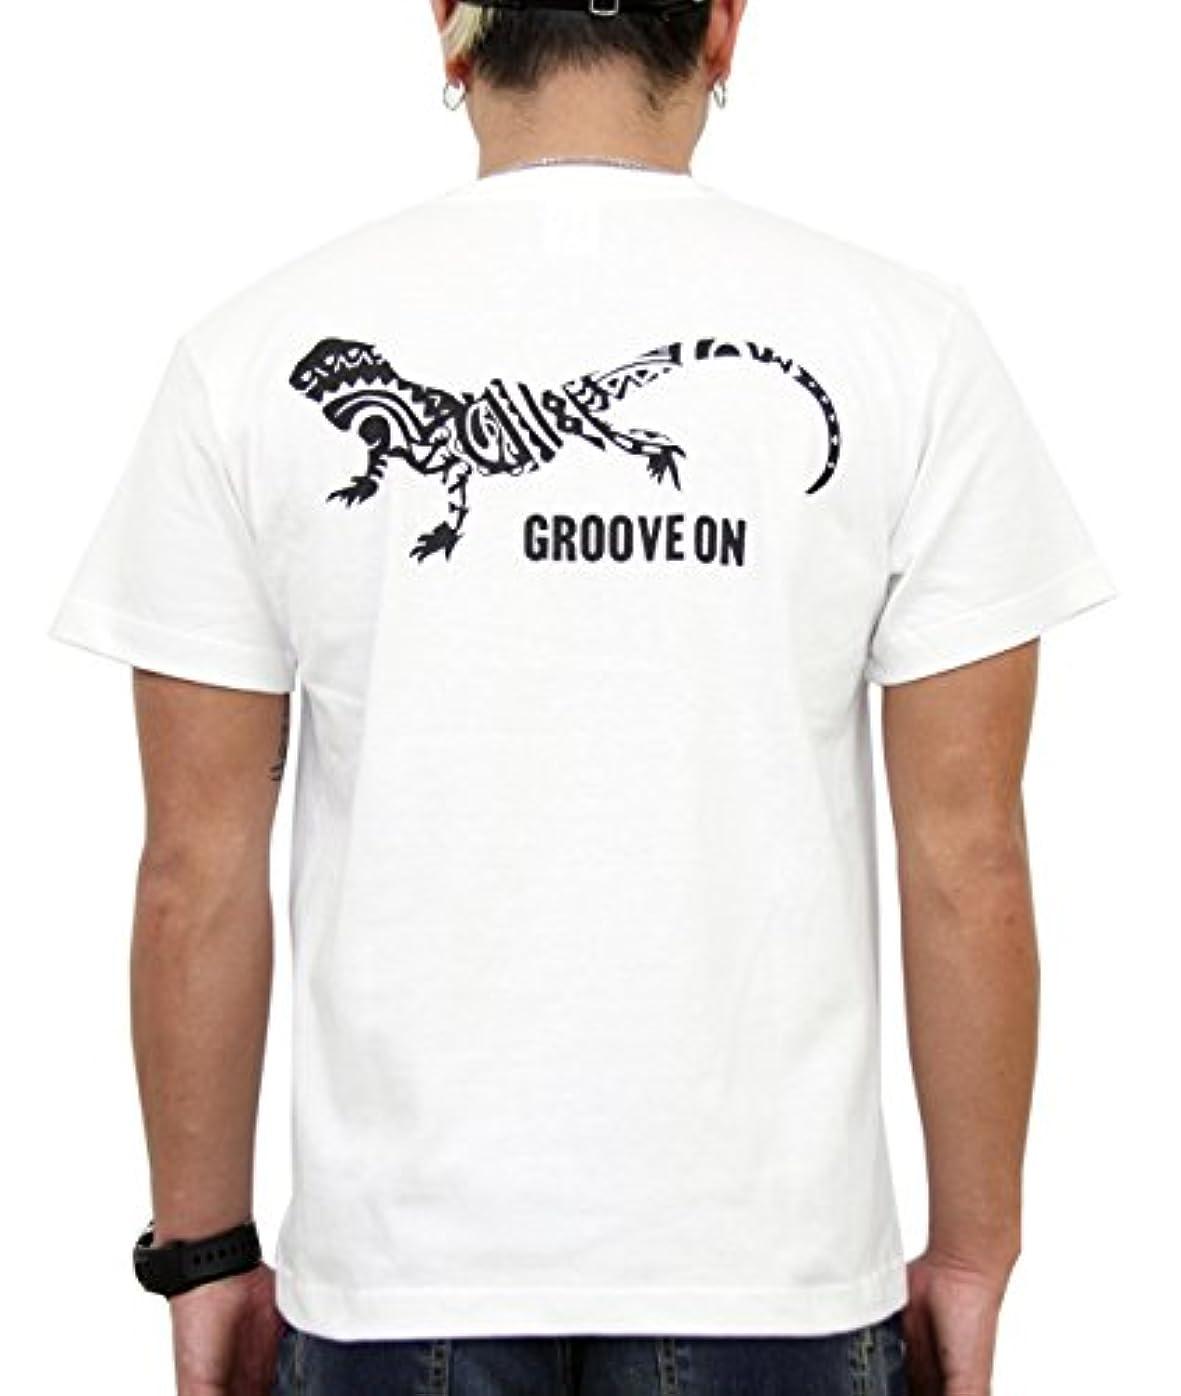 計器と闘う中止します(グルーブオン) GROOVEON Tシャツ メンズ おおきいサイズ 半袖 プリント トップス サーフ系 カットソー カメレオン ブランドロゴ 柄 gost4604